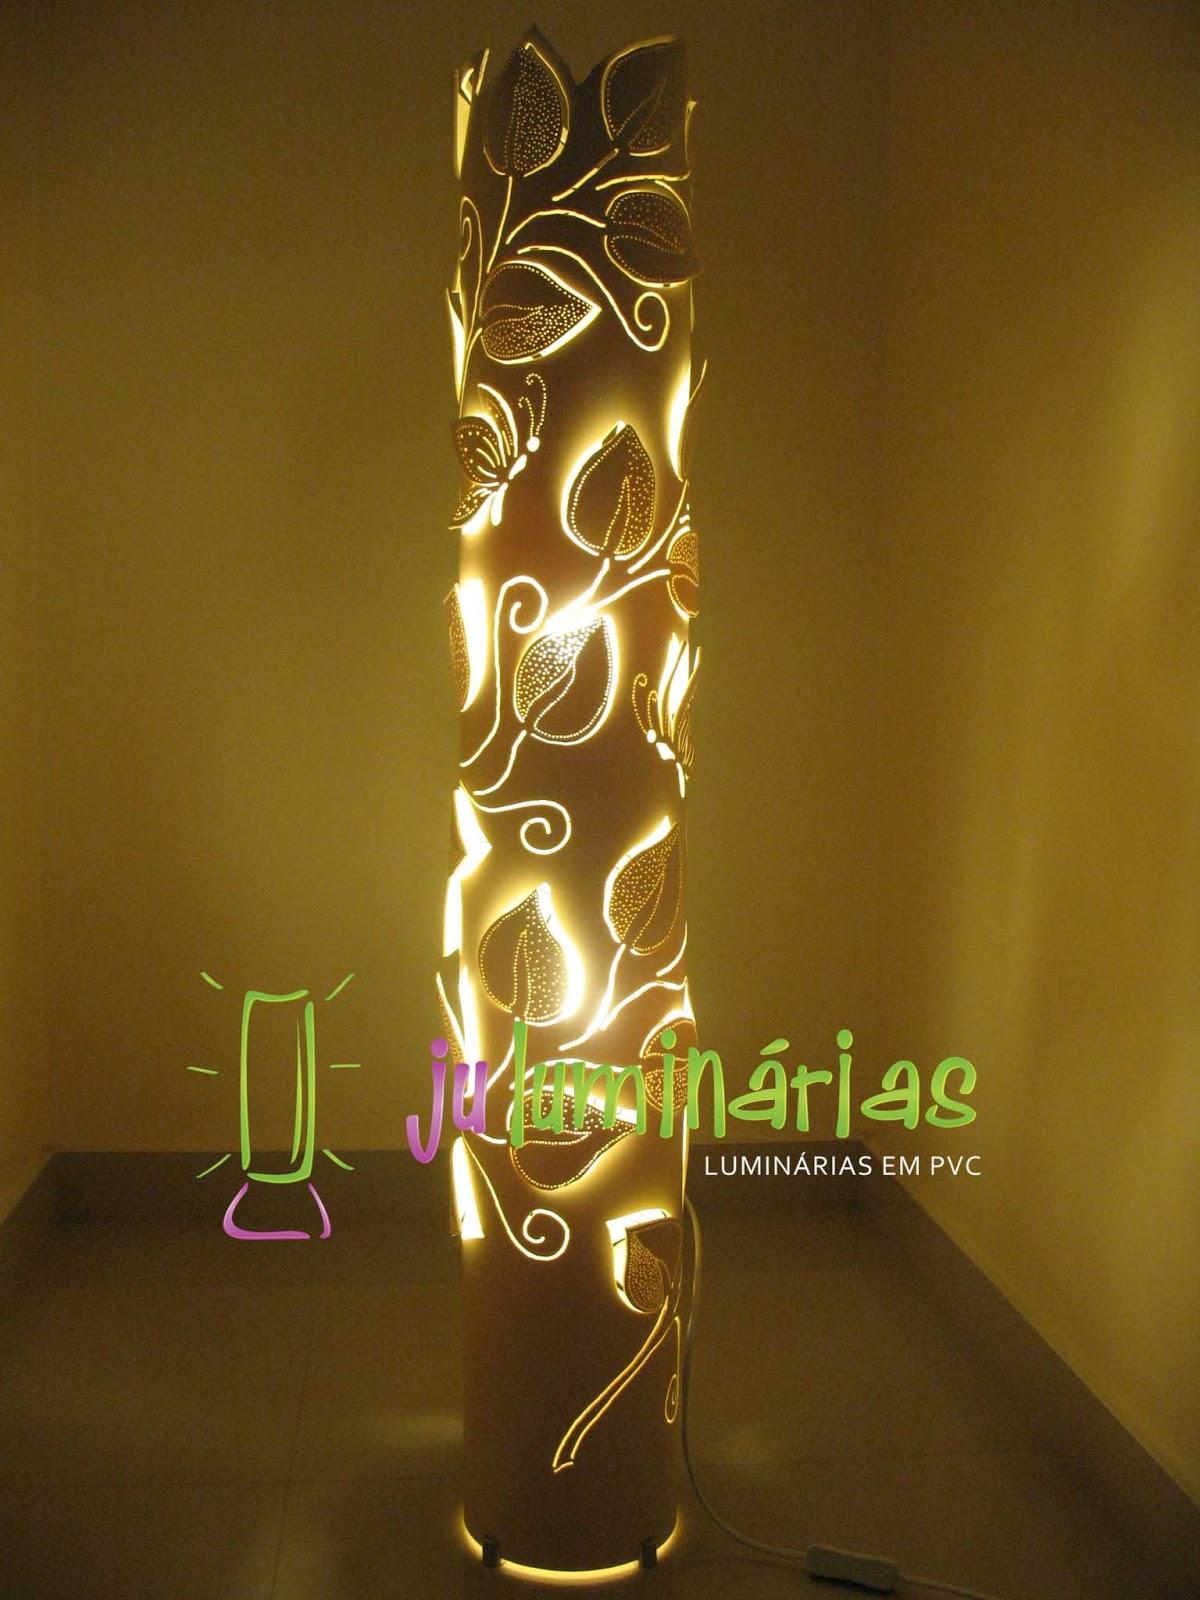 Aparador Vintage El Corte Ingles ~ Ju Luminárias Luminárias em PVC [[ COMPRAR ]] Apostilas e Moldes DIGITAIS